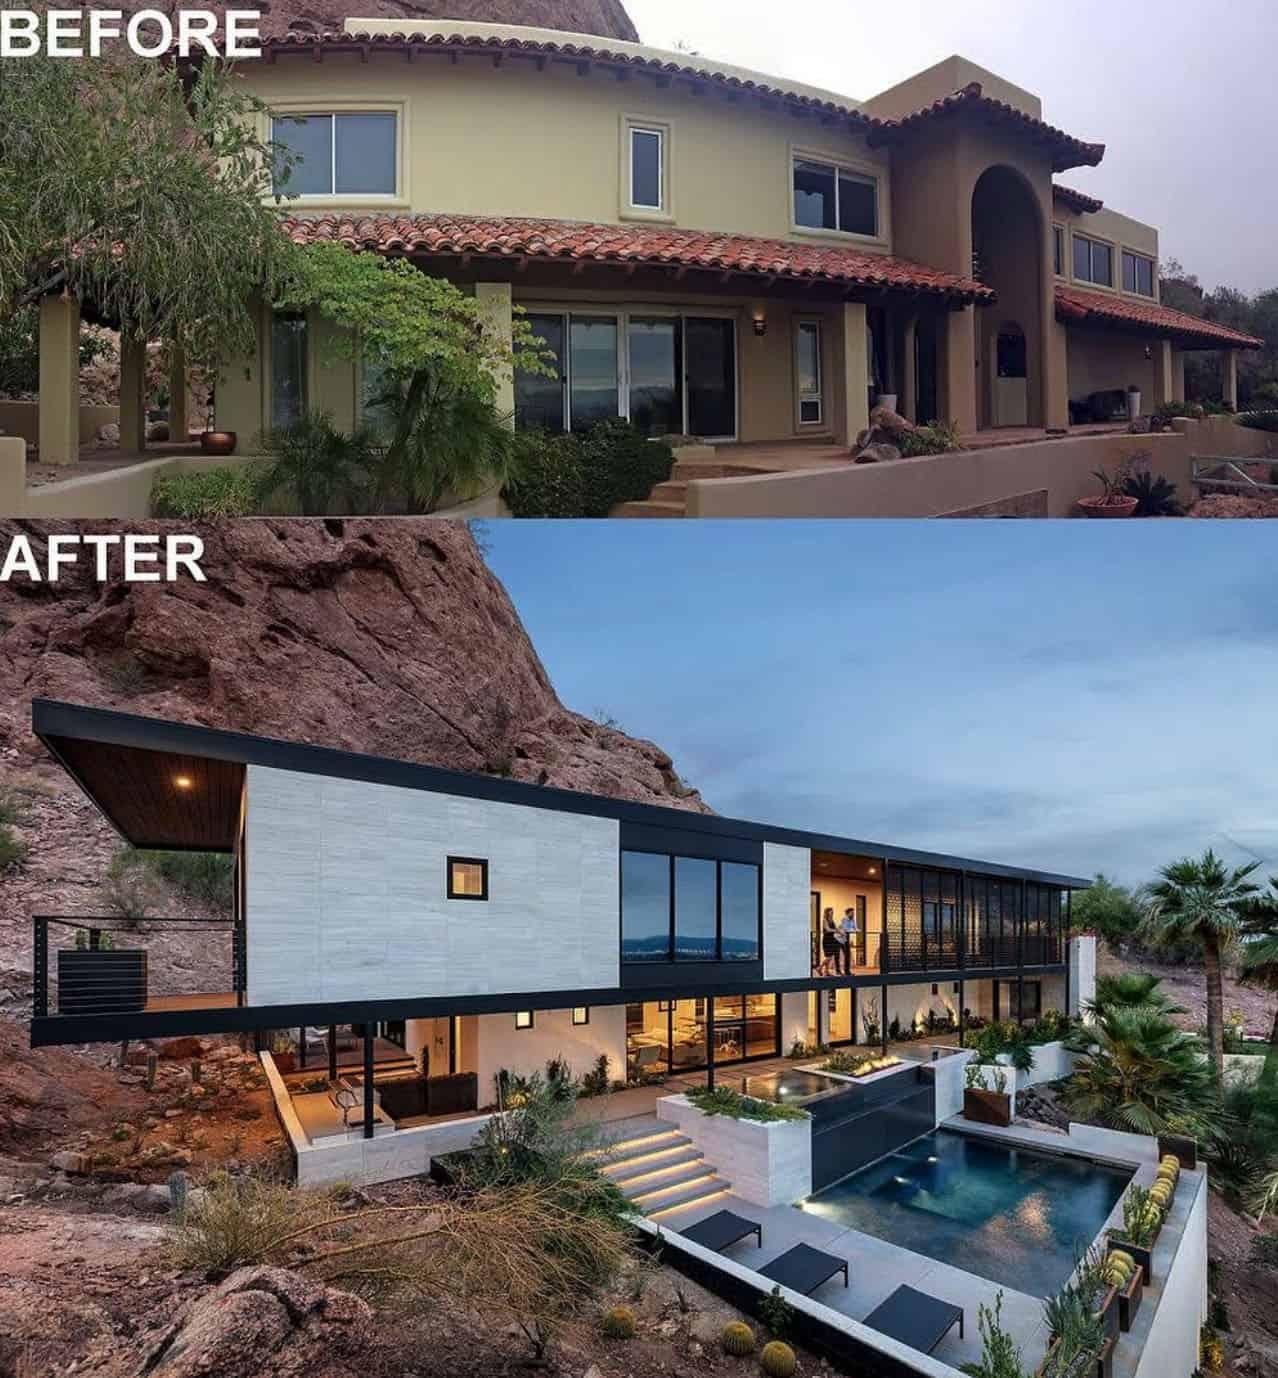 maison-moderne-à-flanc de montagne-avant-après